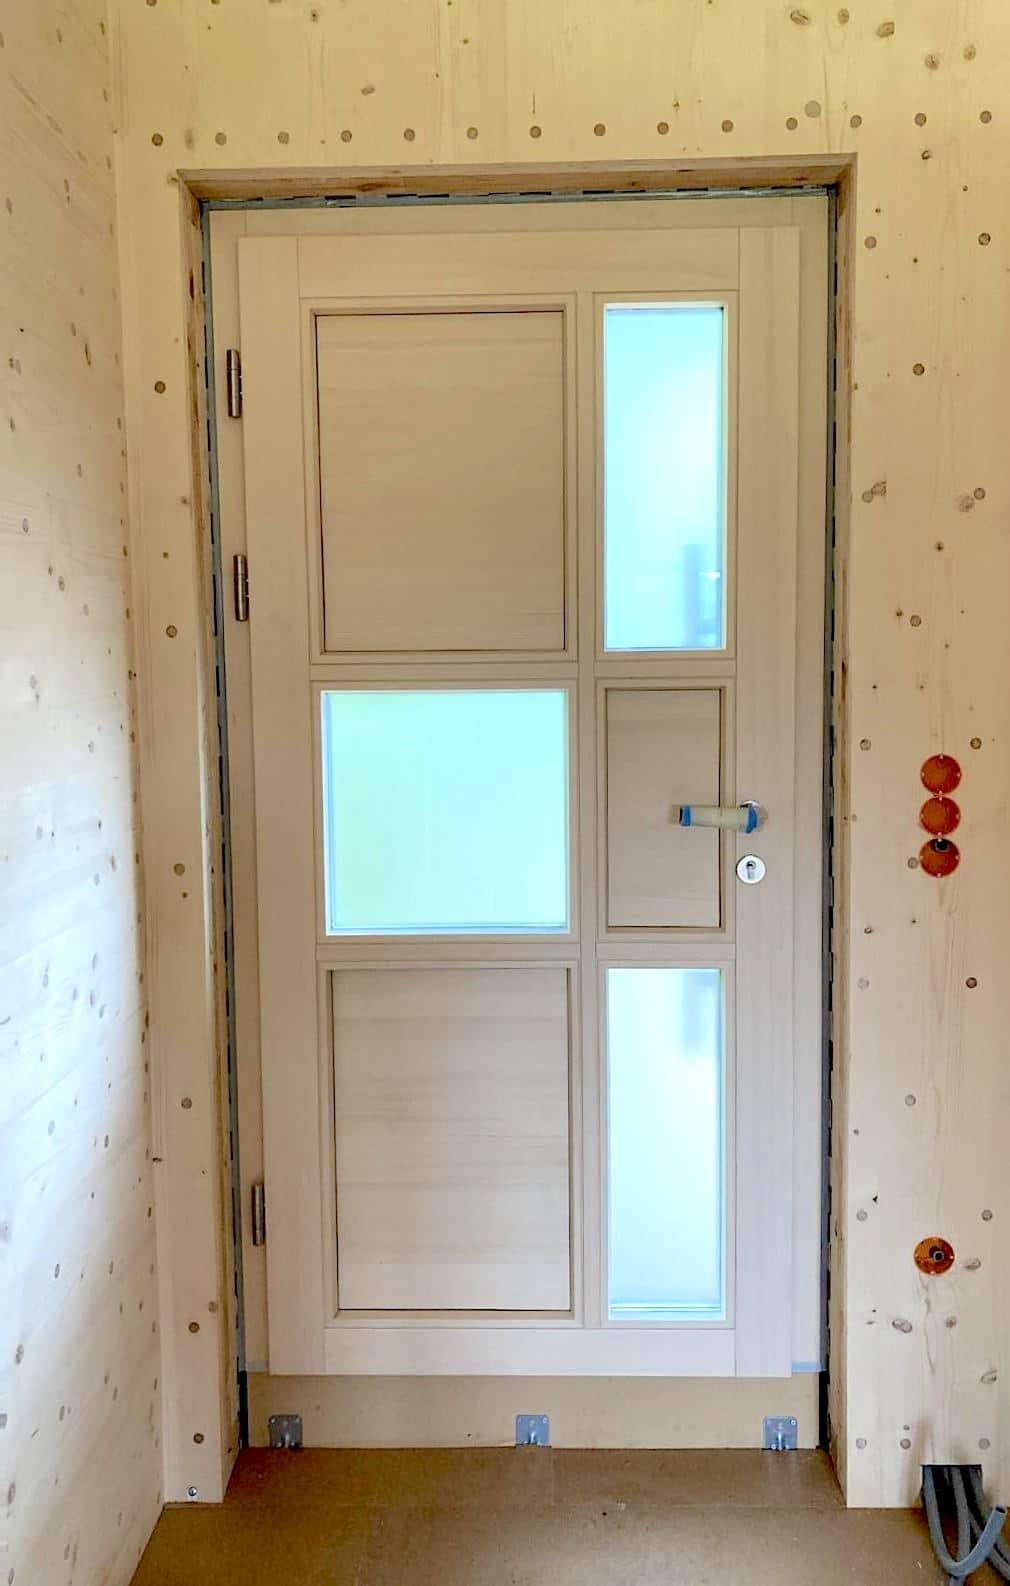 Thoma Holz100 Holz mit Lärchernfassade Türe von innen